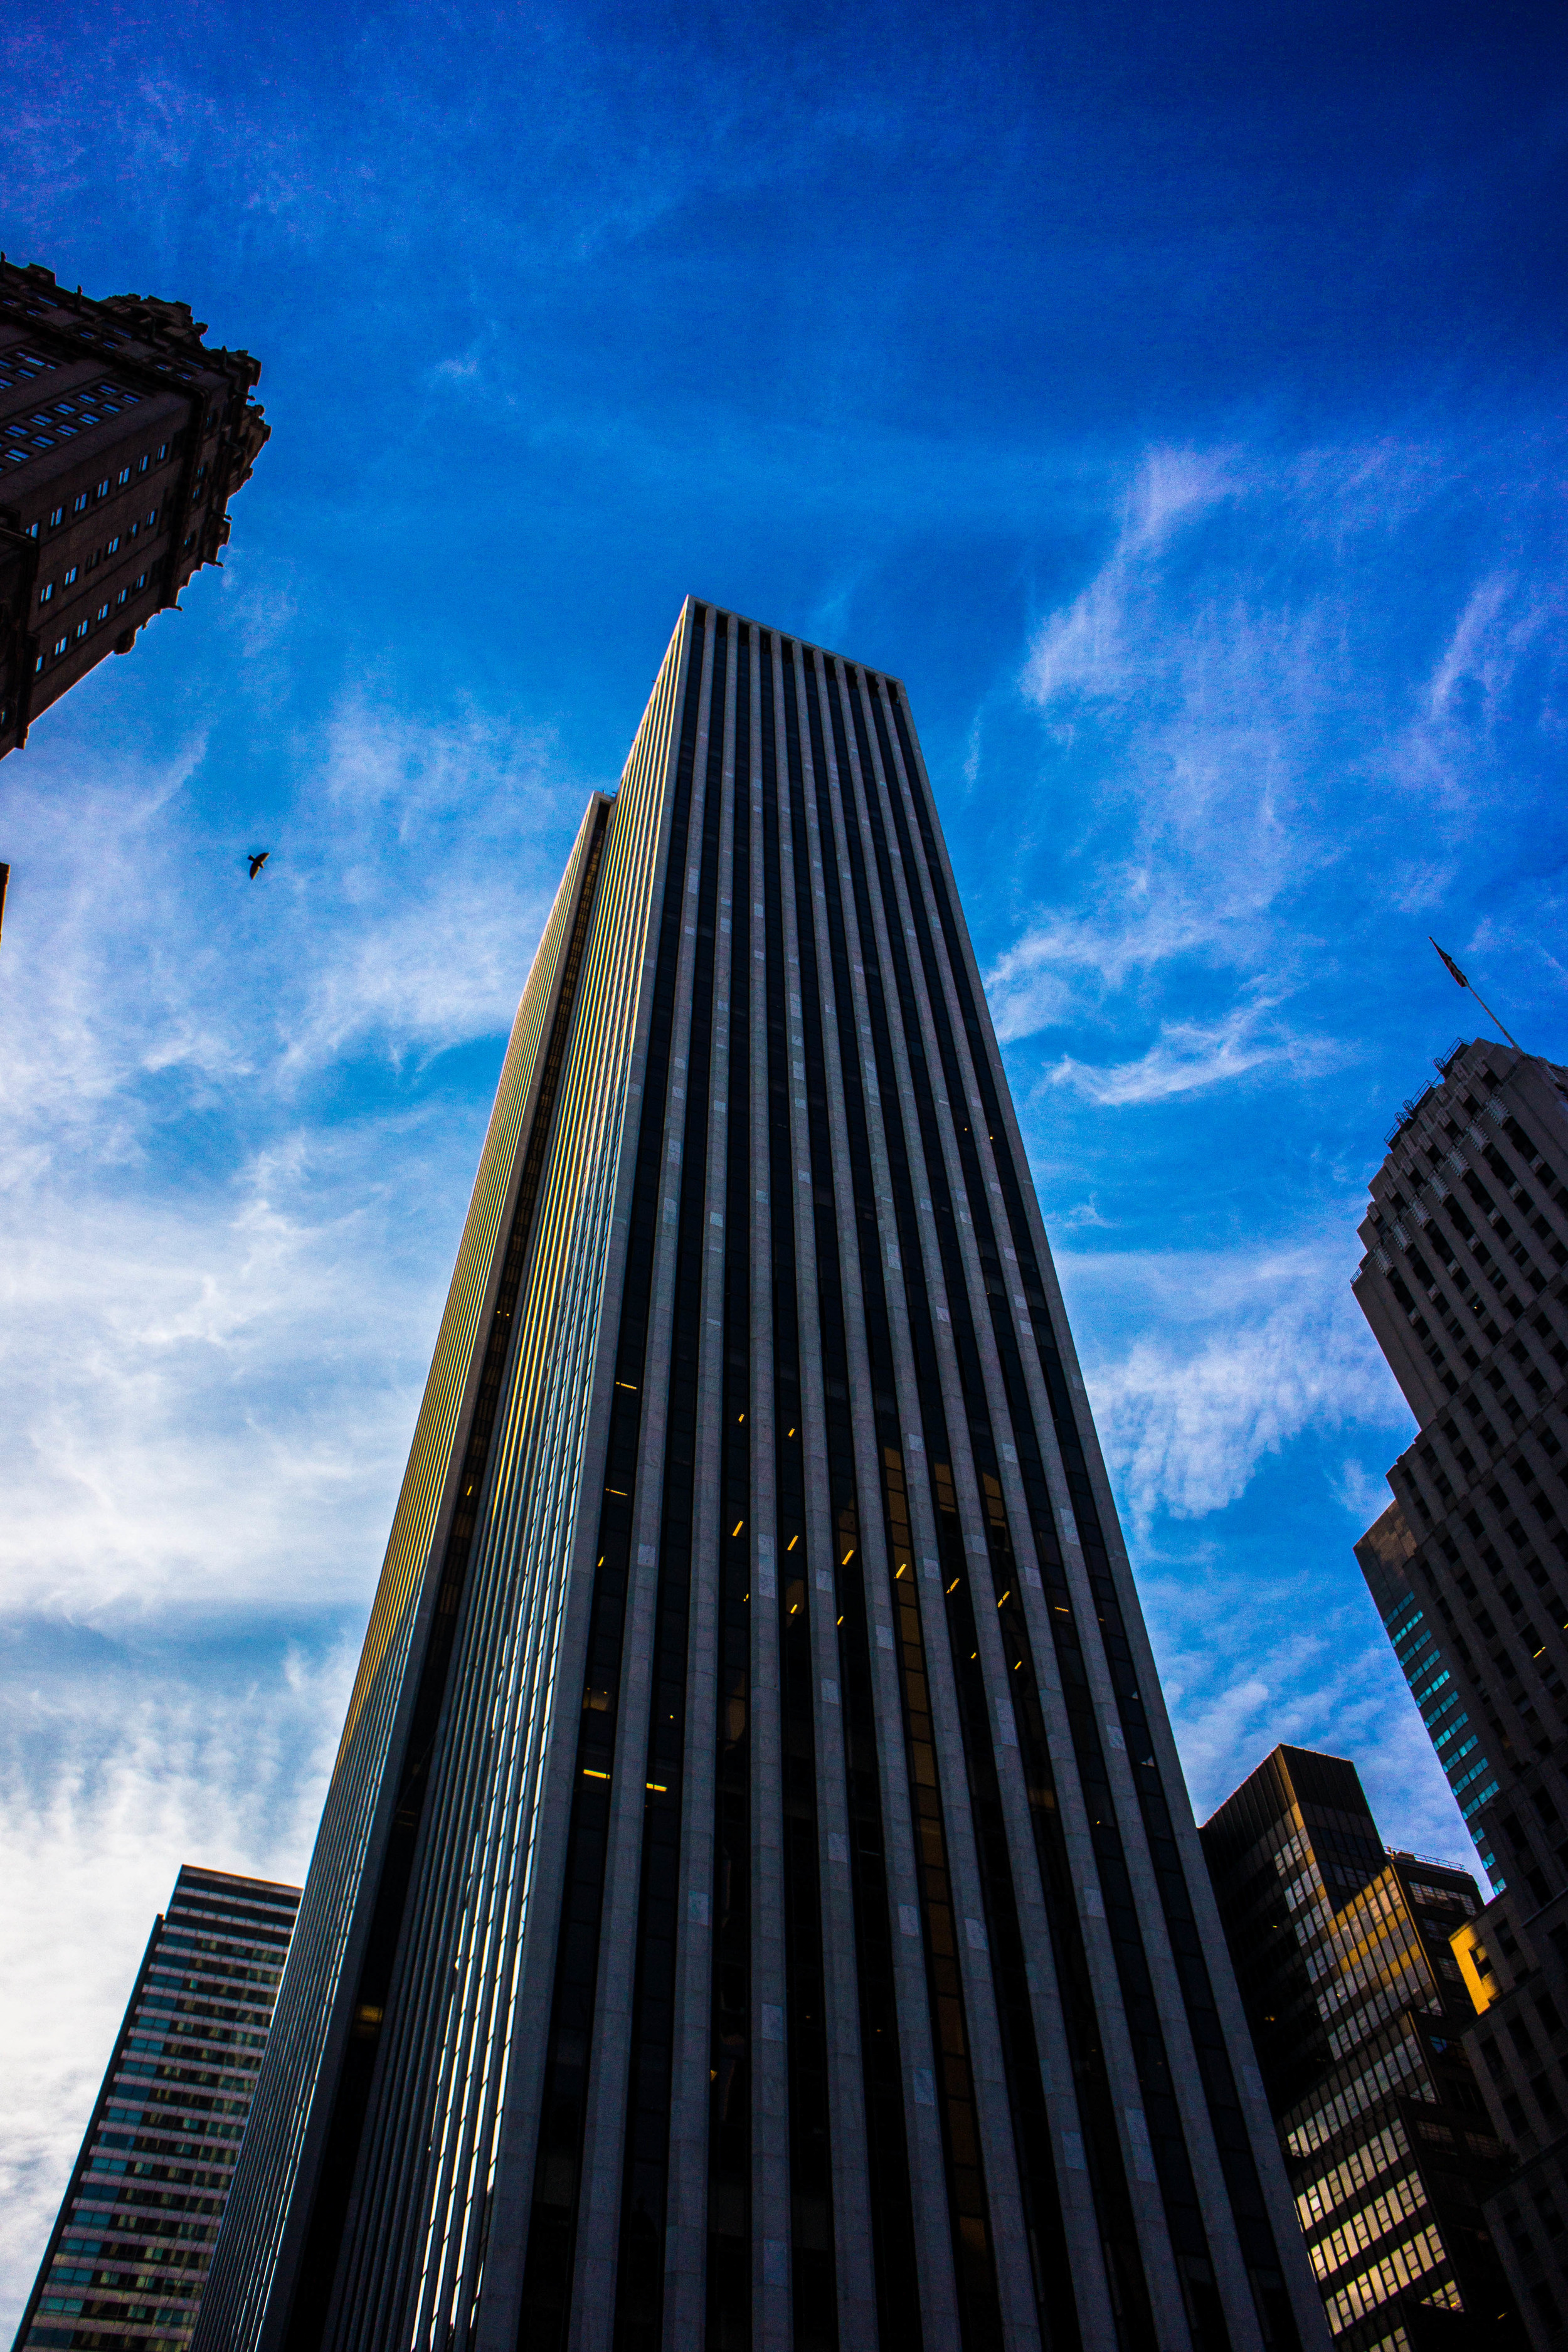 th Avenue, NYC